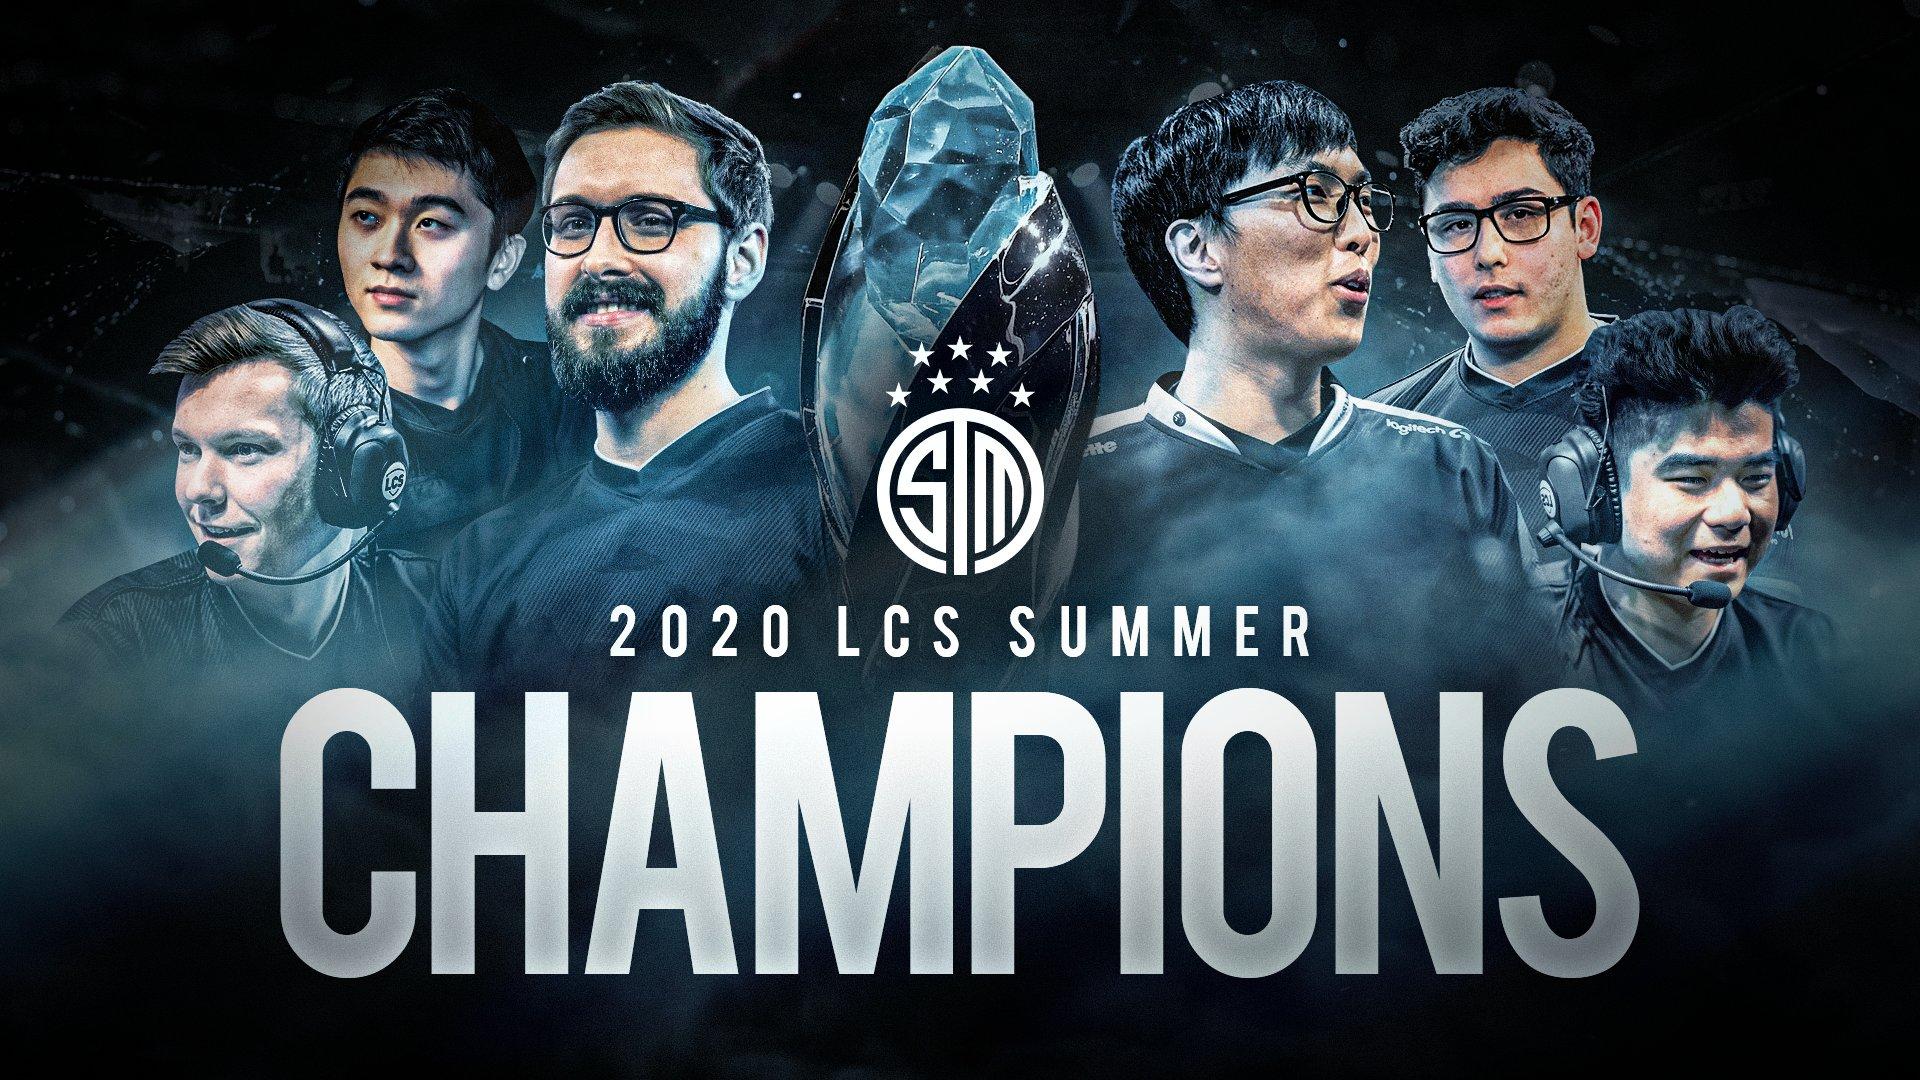 TSM wins LCS Summer 2020 banner